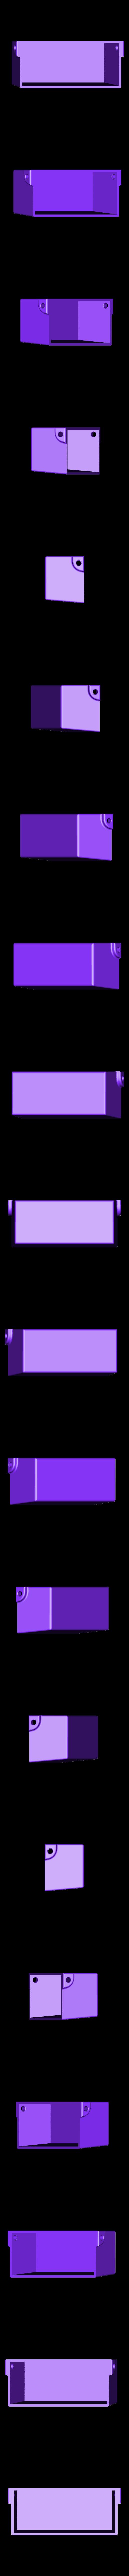 BOX.stl Télécharger fichier STL gratuit Boîtes supplémentaires • Design imprimable en 3D, ernestwallon3D